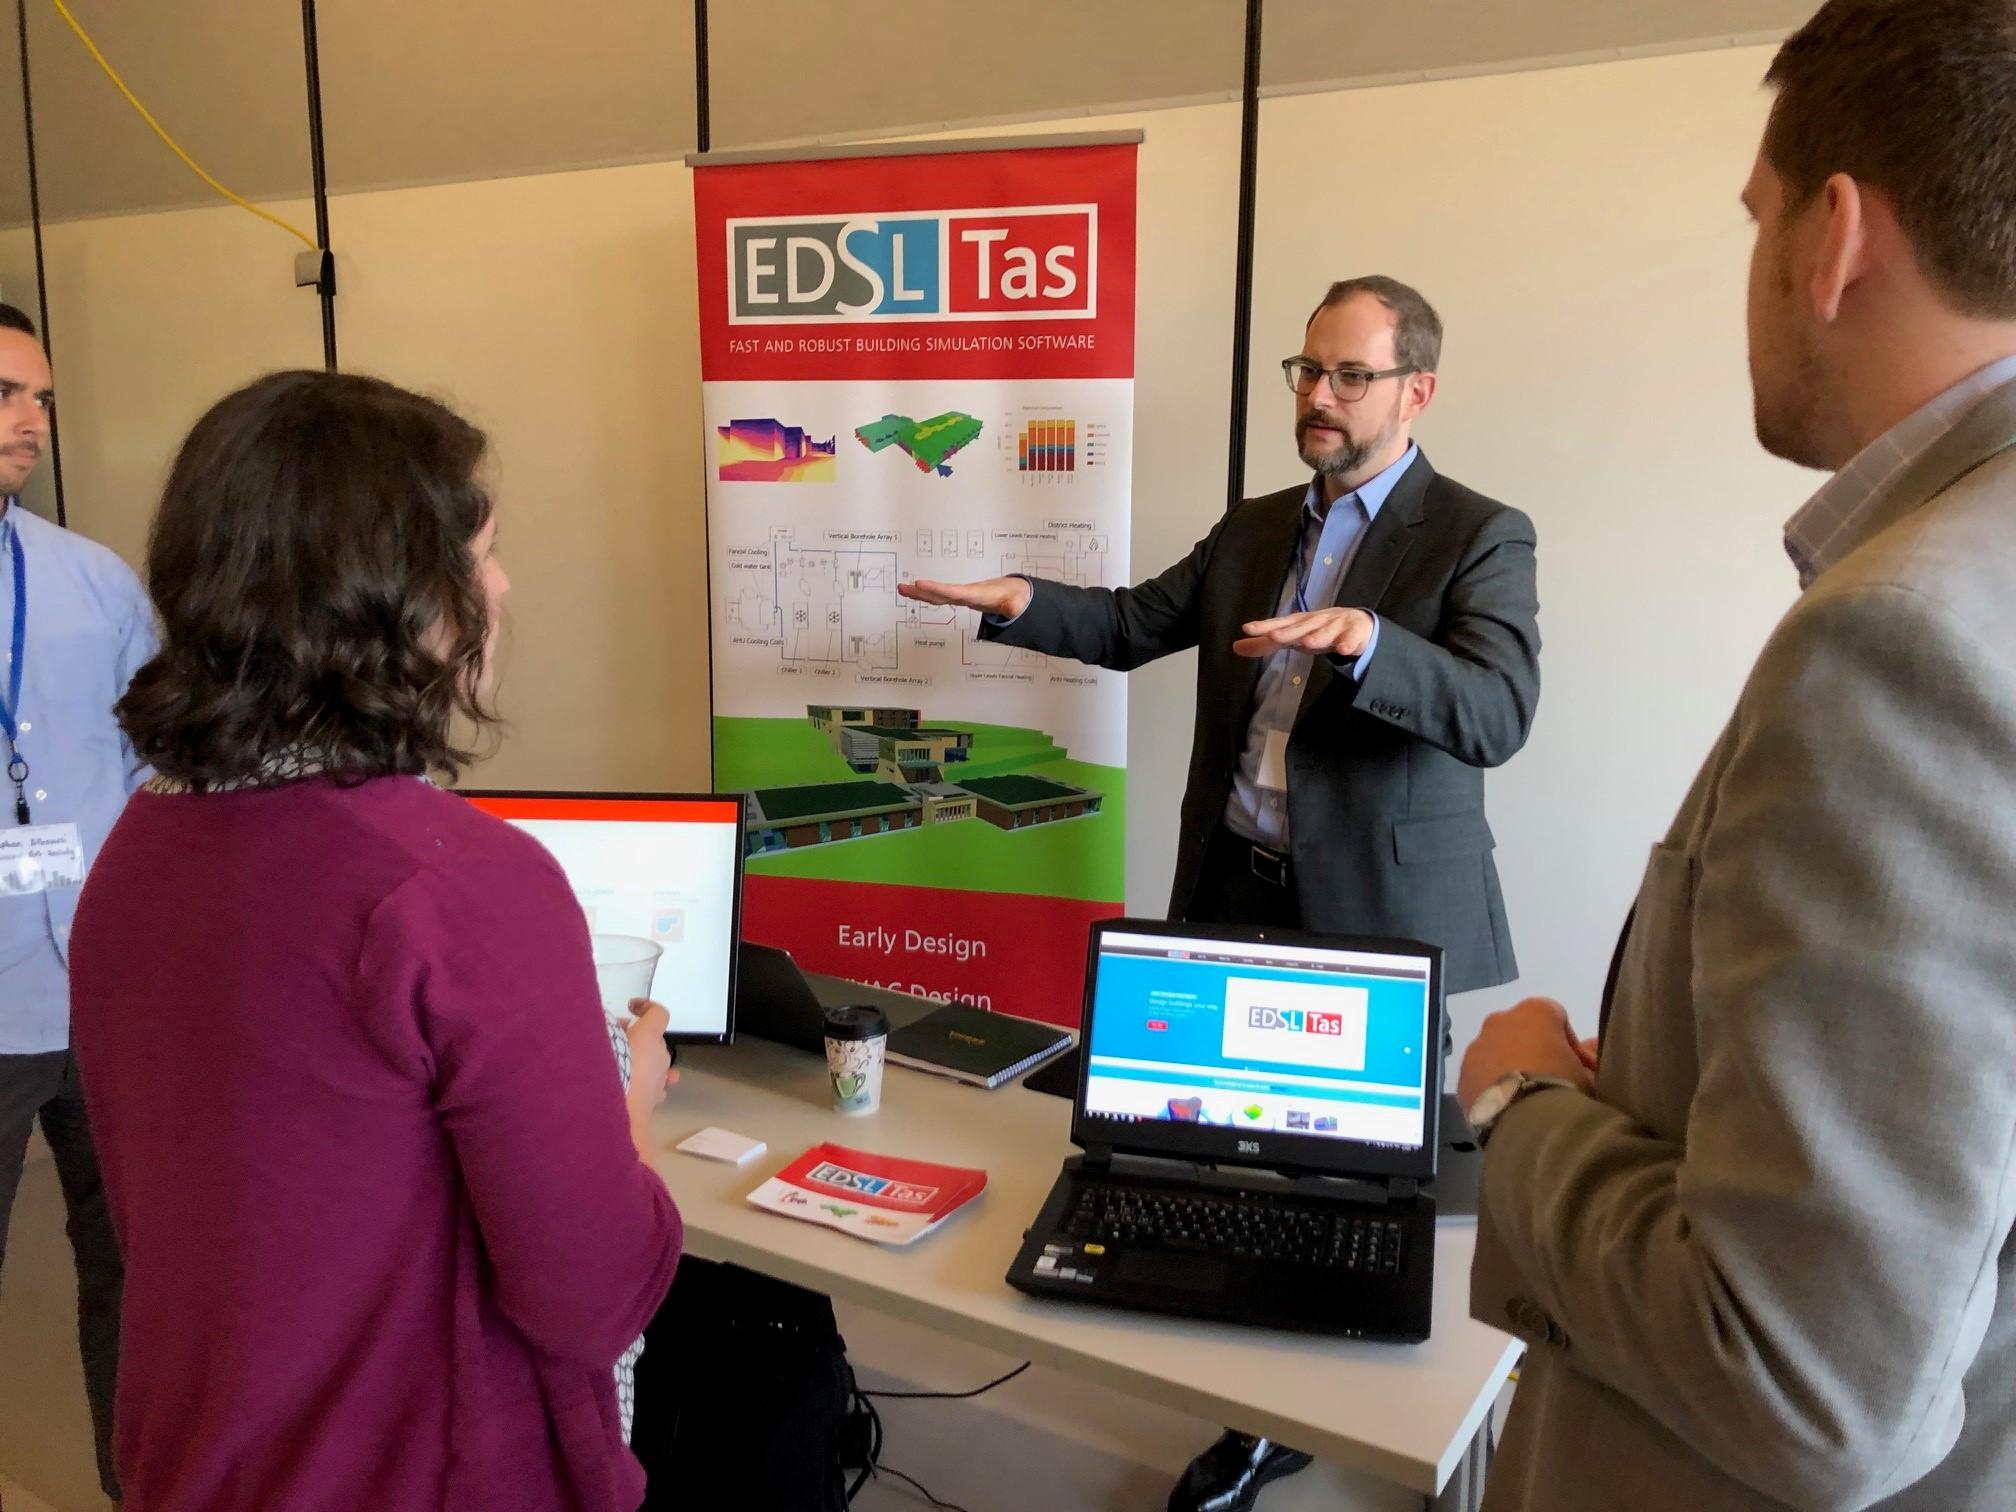 EDSL Tas table 1